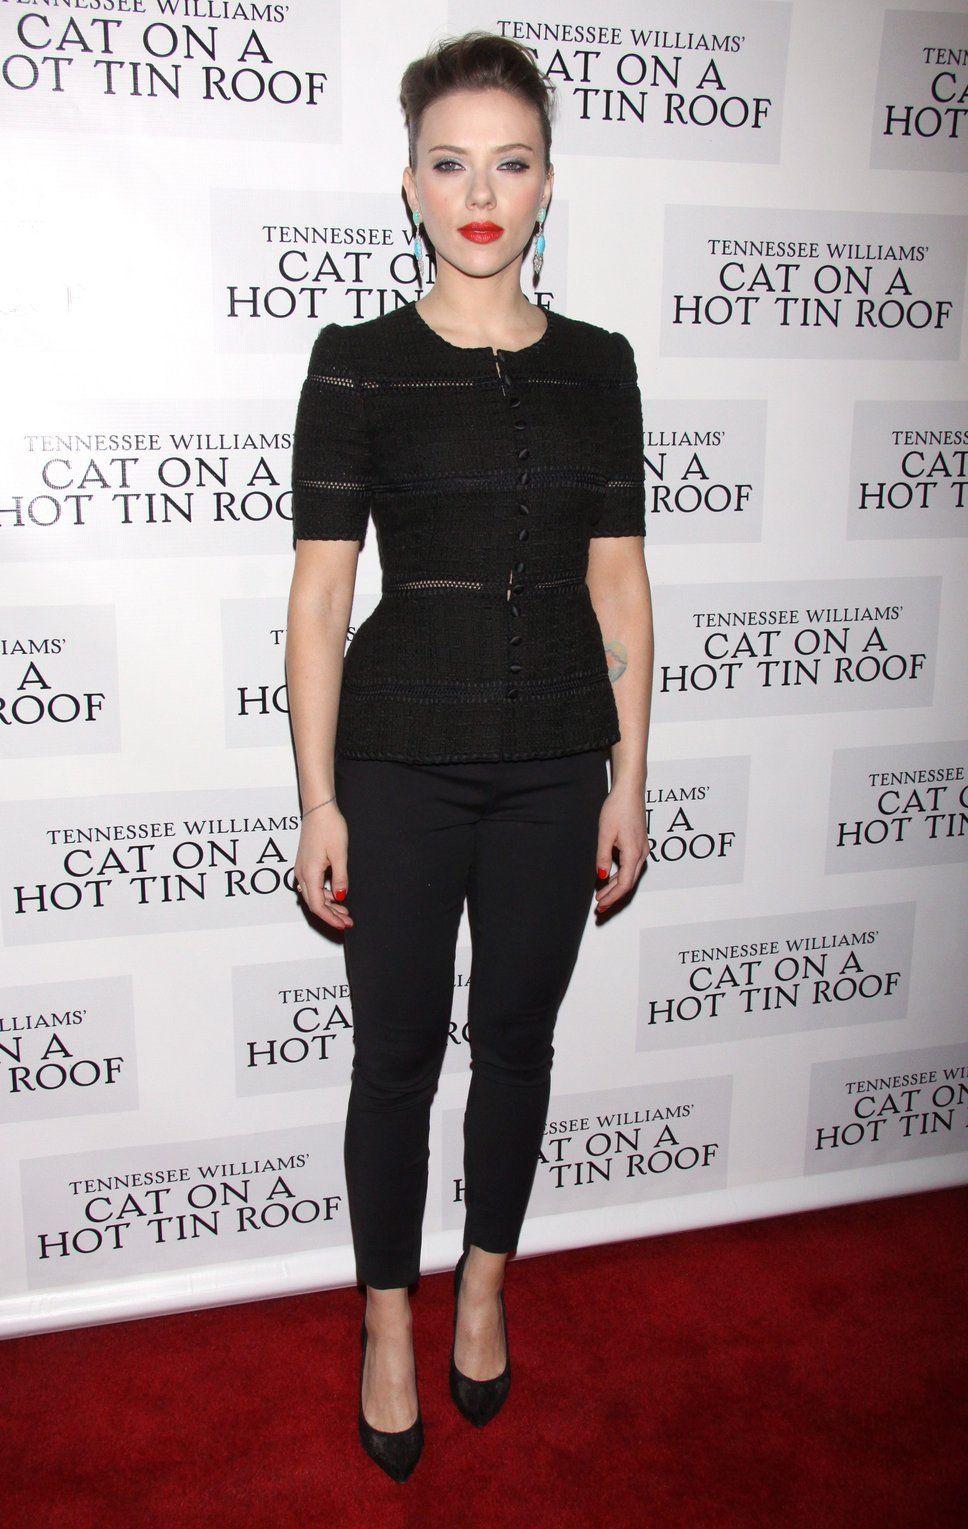 Black dress lipstick - Black Dress And Earrings Turquoise Scarlett Johansson Red Lipstick Turquoise Earrings Hair